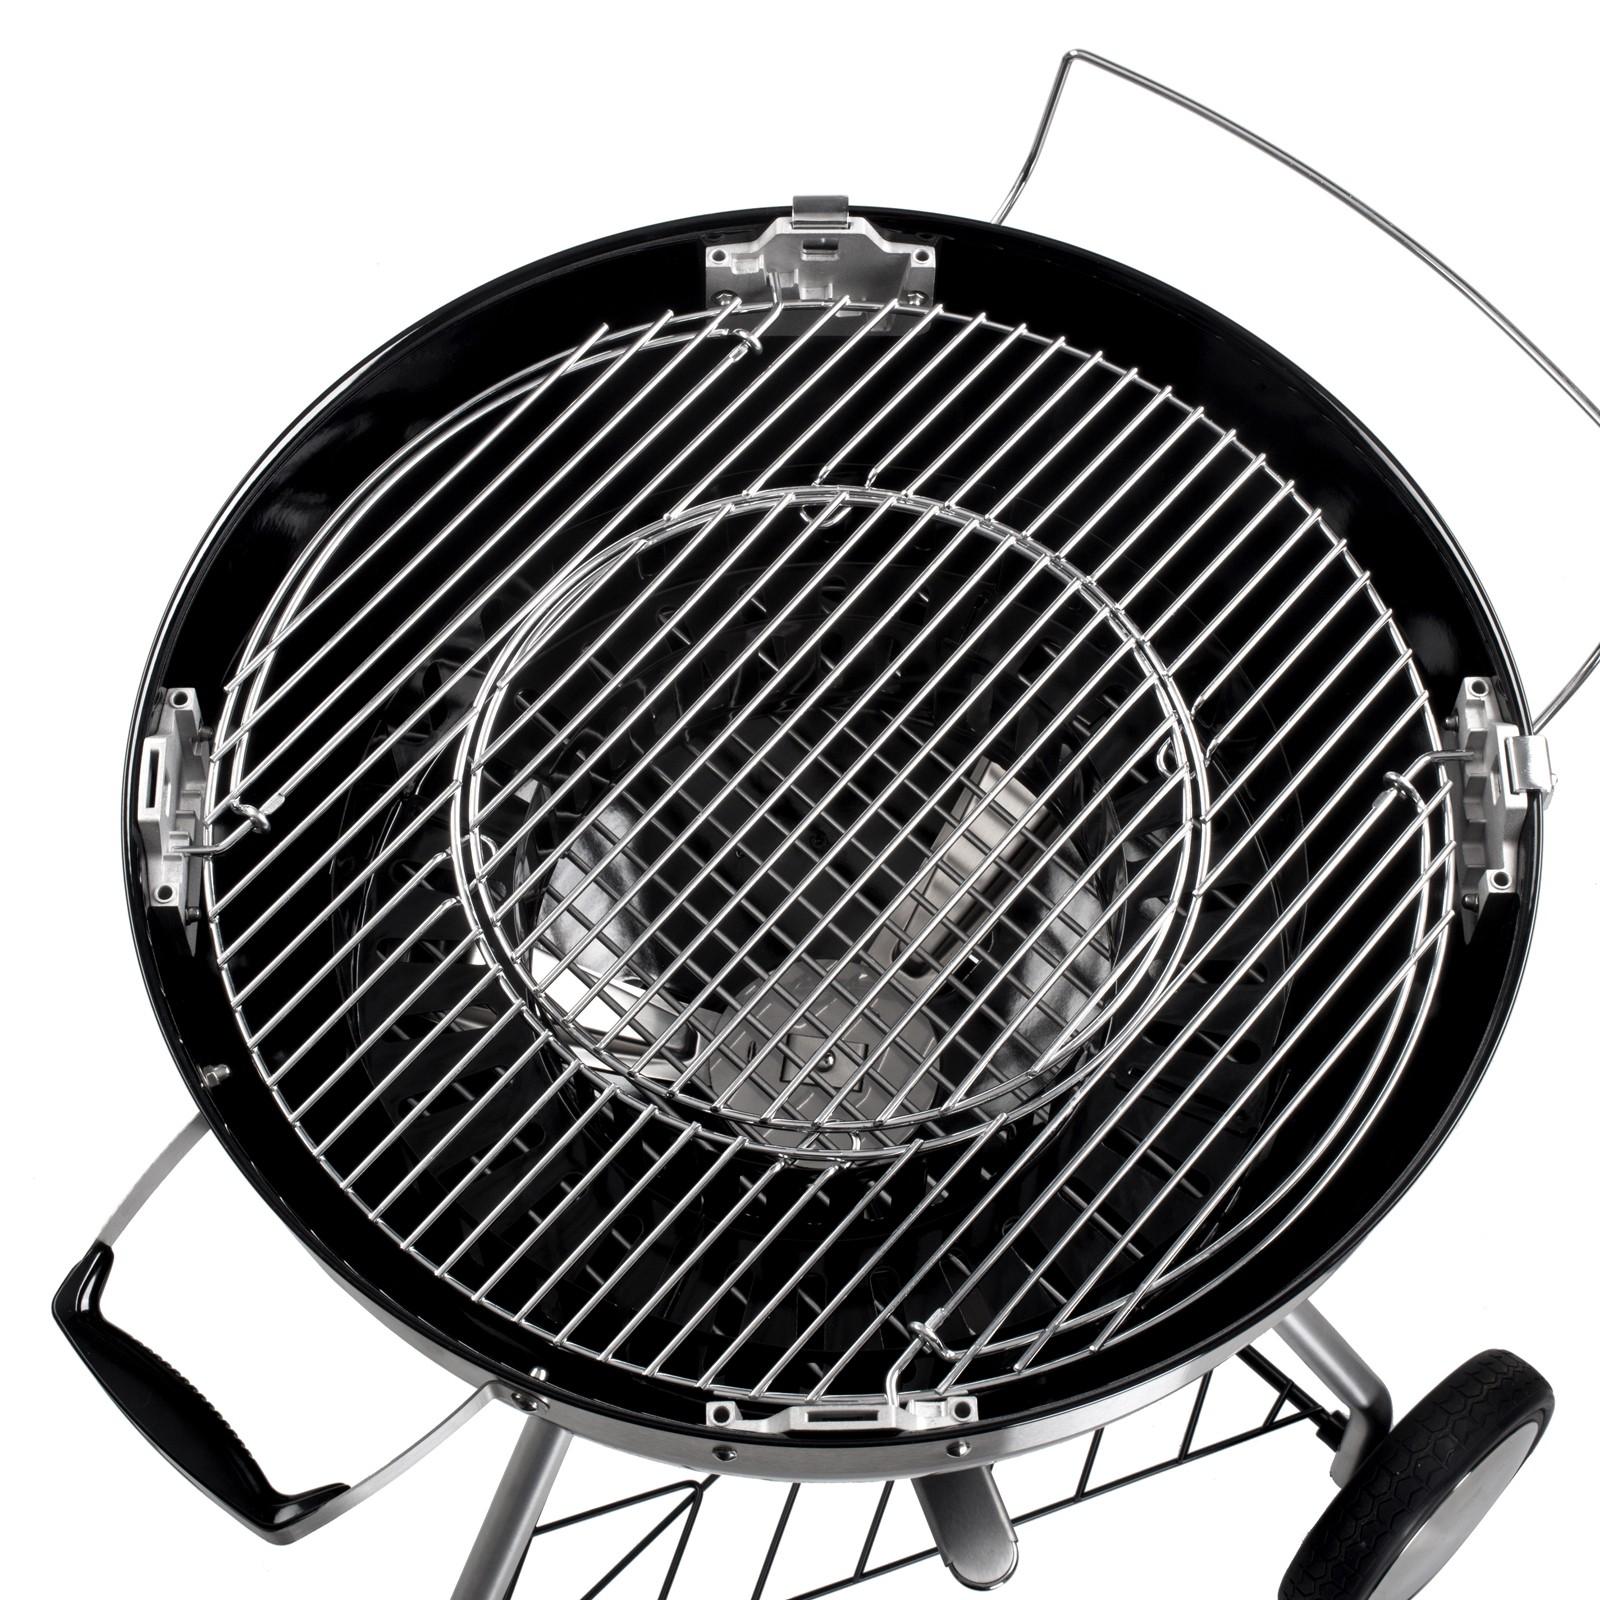 tepro grillrost kugelgrill grillen hauptrost grill rost in rost system 53 5 cm ebay. Black Bedroom Furniture Sets. Home Design Ideas